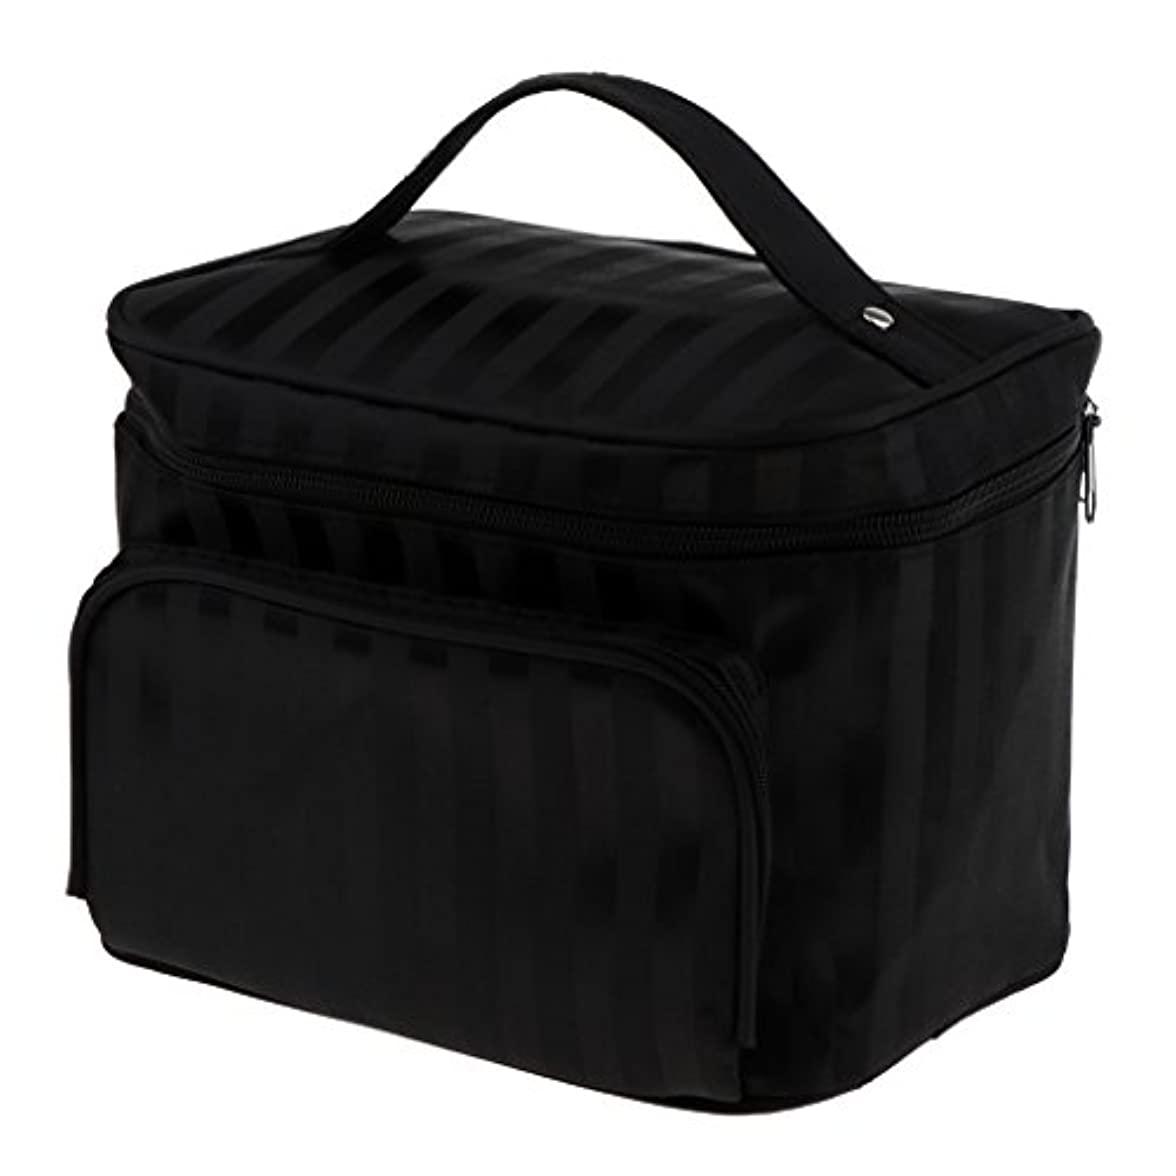 債務操る知るPerfk メイクアップバッグ 化粧品バッグ 化粧品 コスメ メイクアップ 収納 防水 耐摩耗 旅行用 バッグ メイクボックス 化粧ポーチ 5色選べる - ブラック